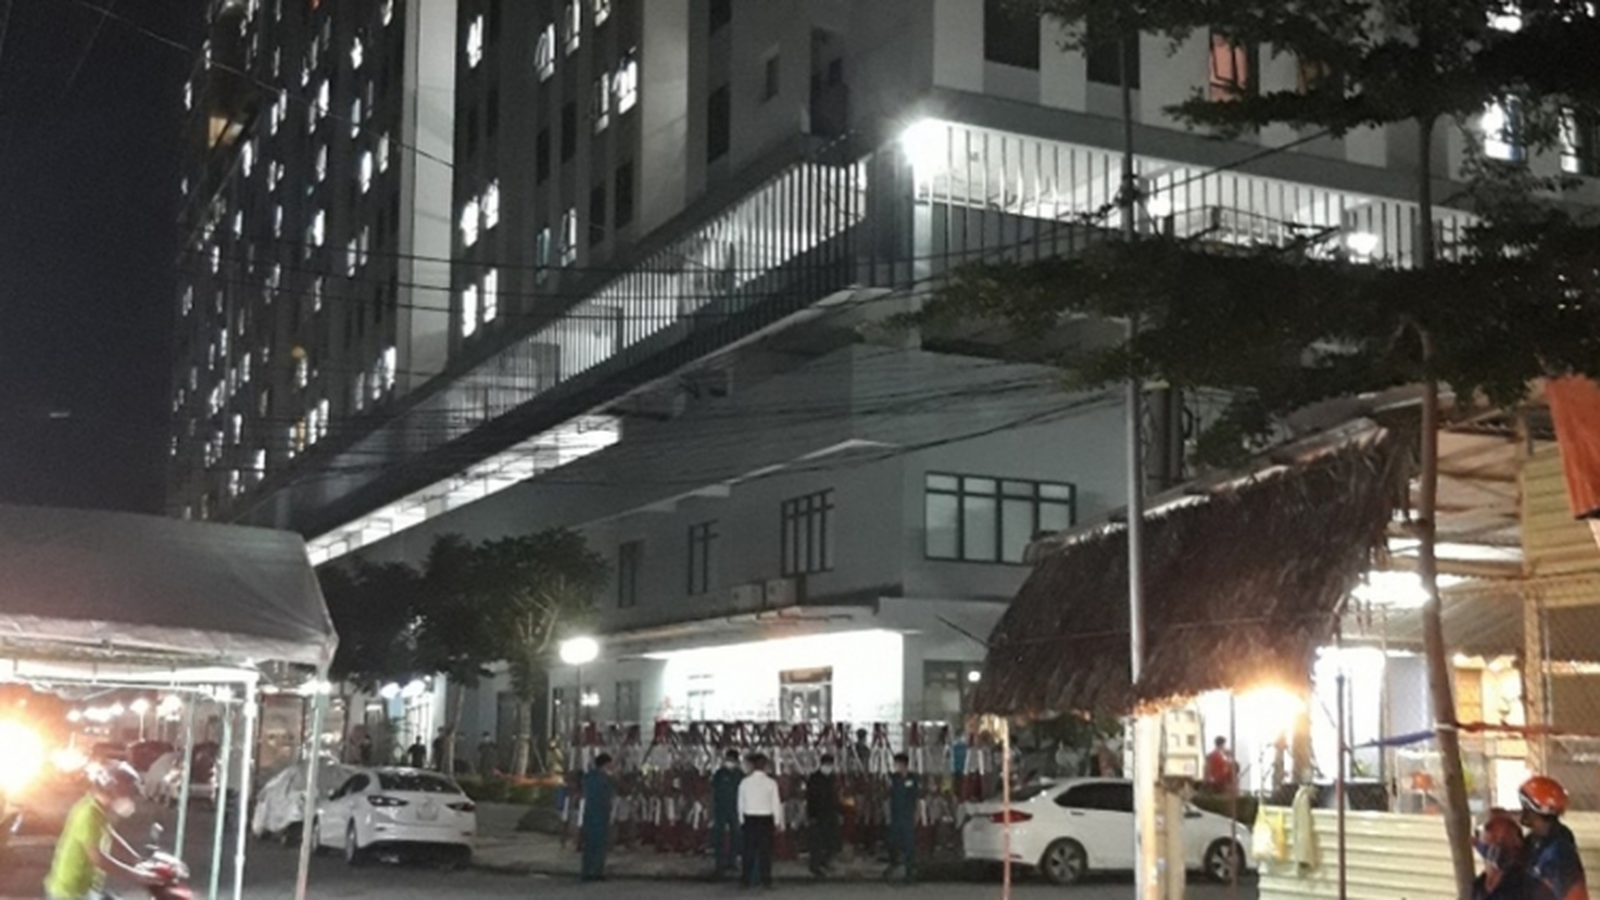 Gỡ bỏ phong tỏa Chung cư Marina Tower ở Bình Dương